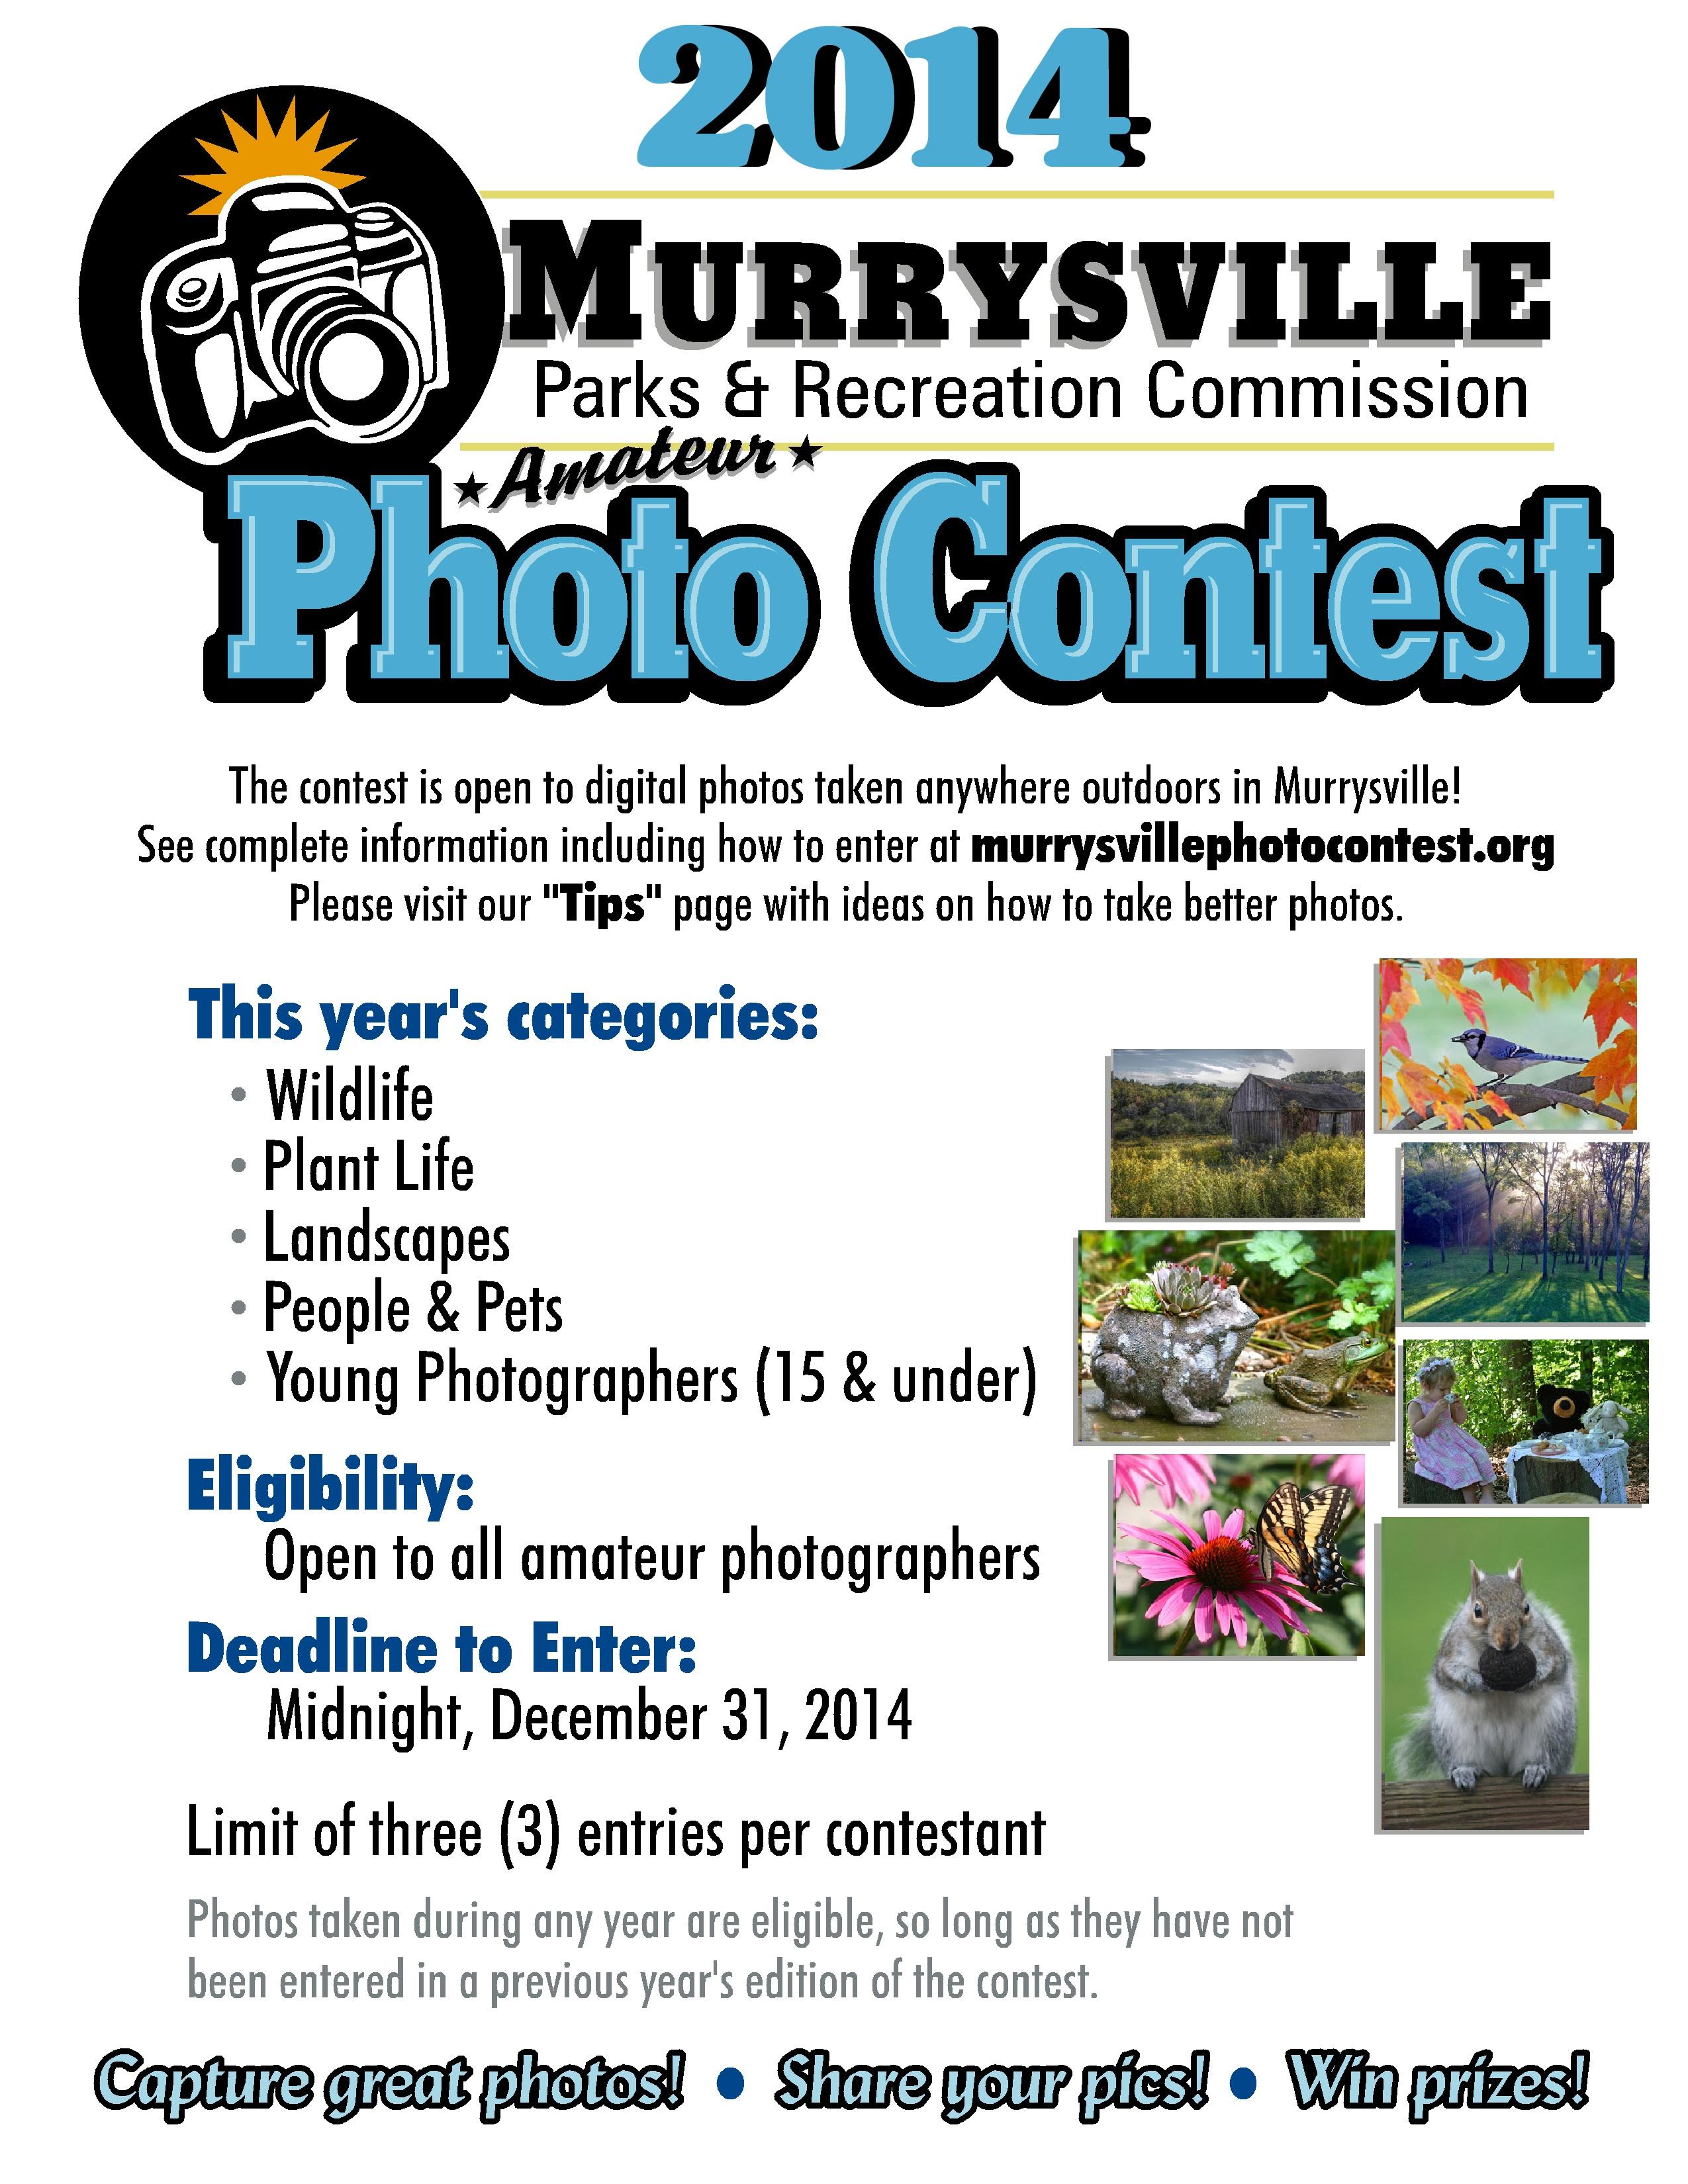 Murrysville Photo Contest 2013